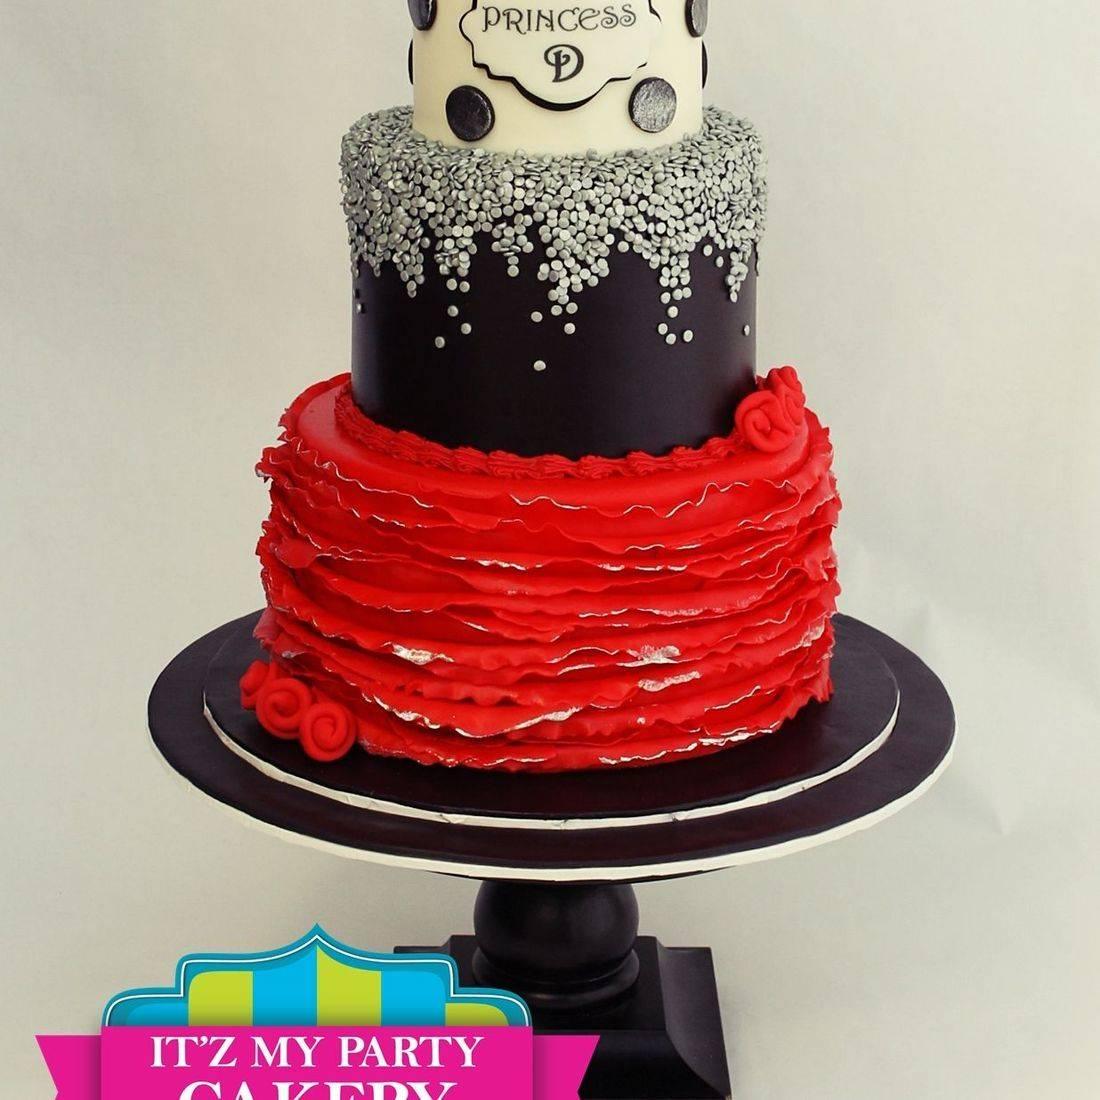 Princess Sweet 16 Cake Milwaukee